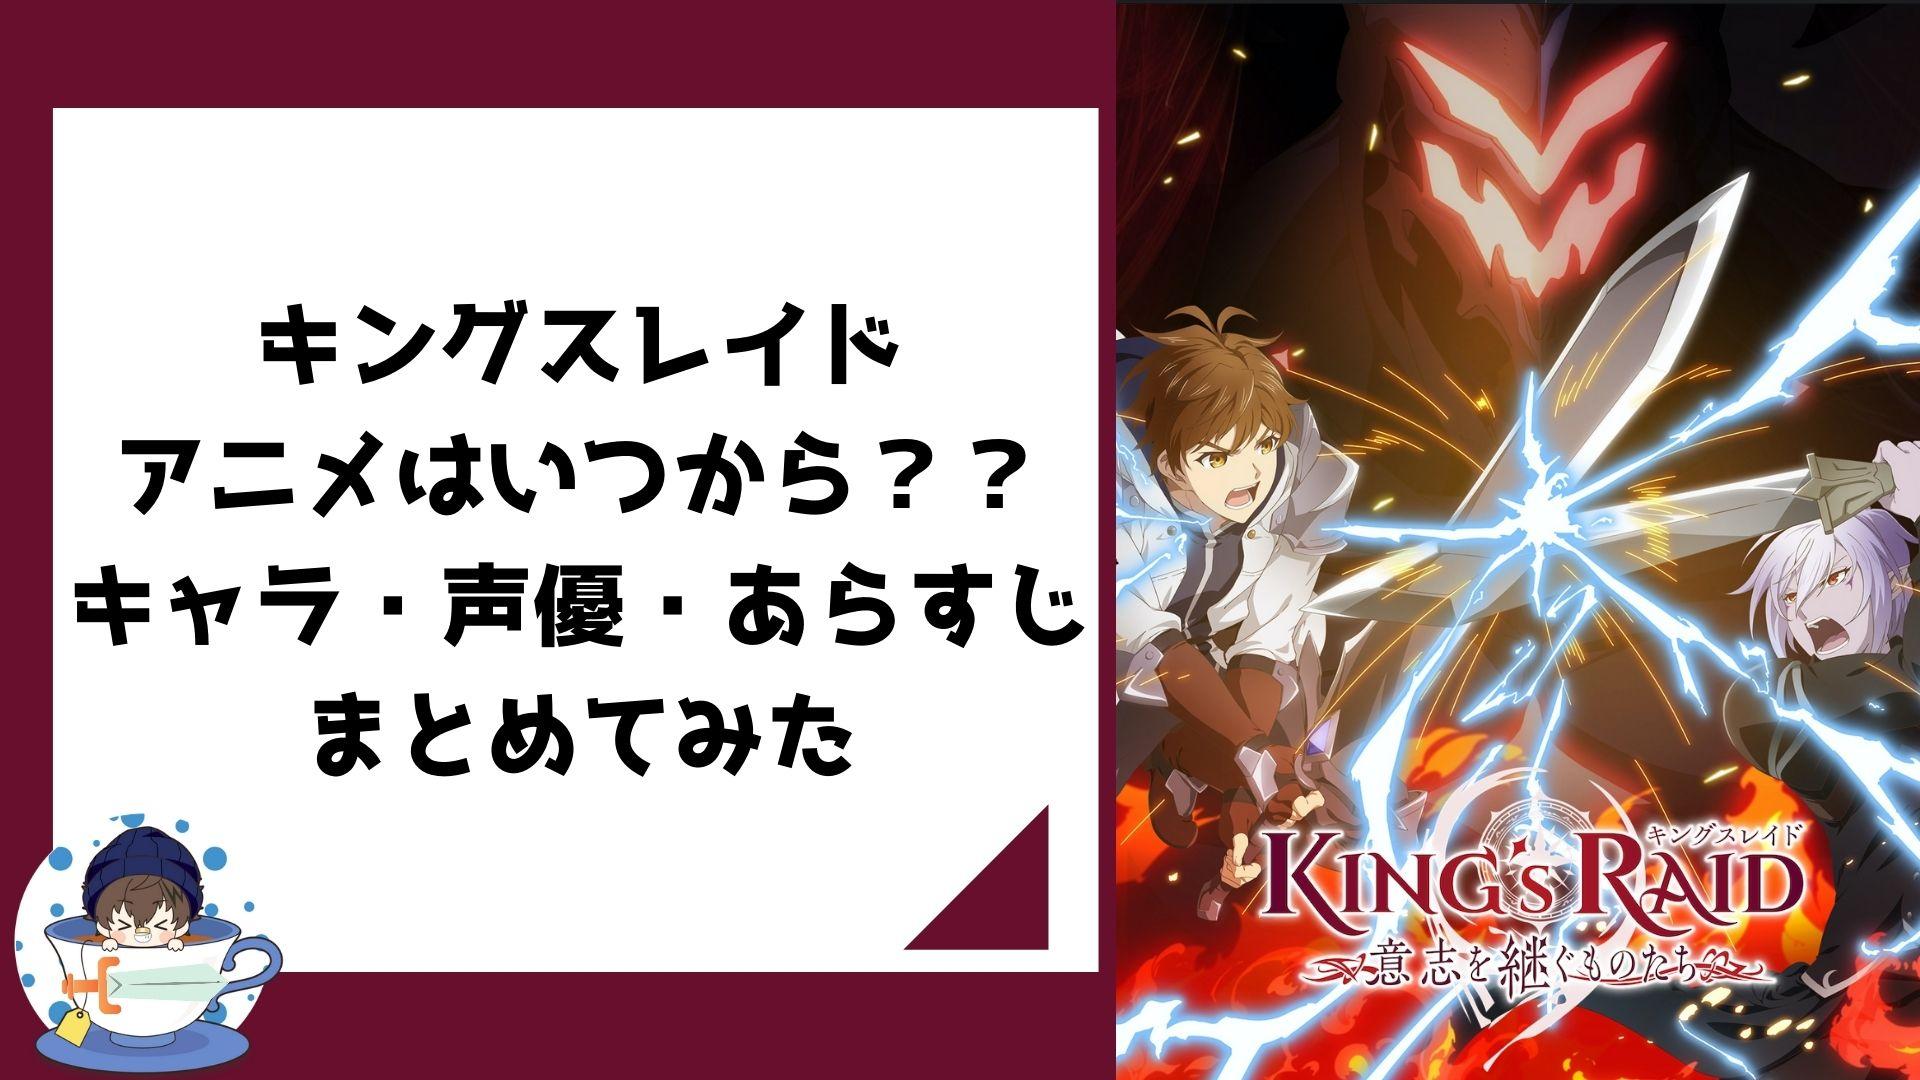 キングスレイドのアニメ『1話』はいつからで放送局は??ゲームとの違いも紹介|フル動画【見逃し配信】